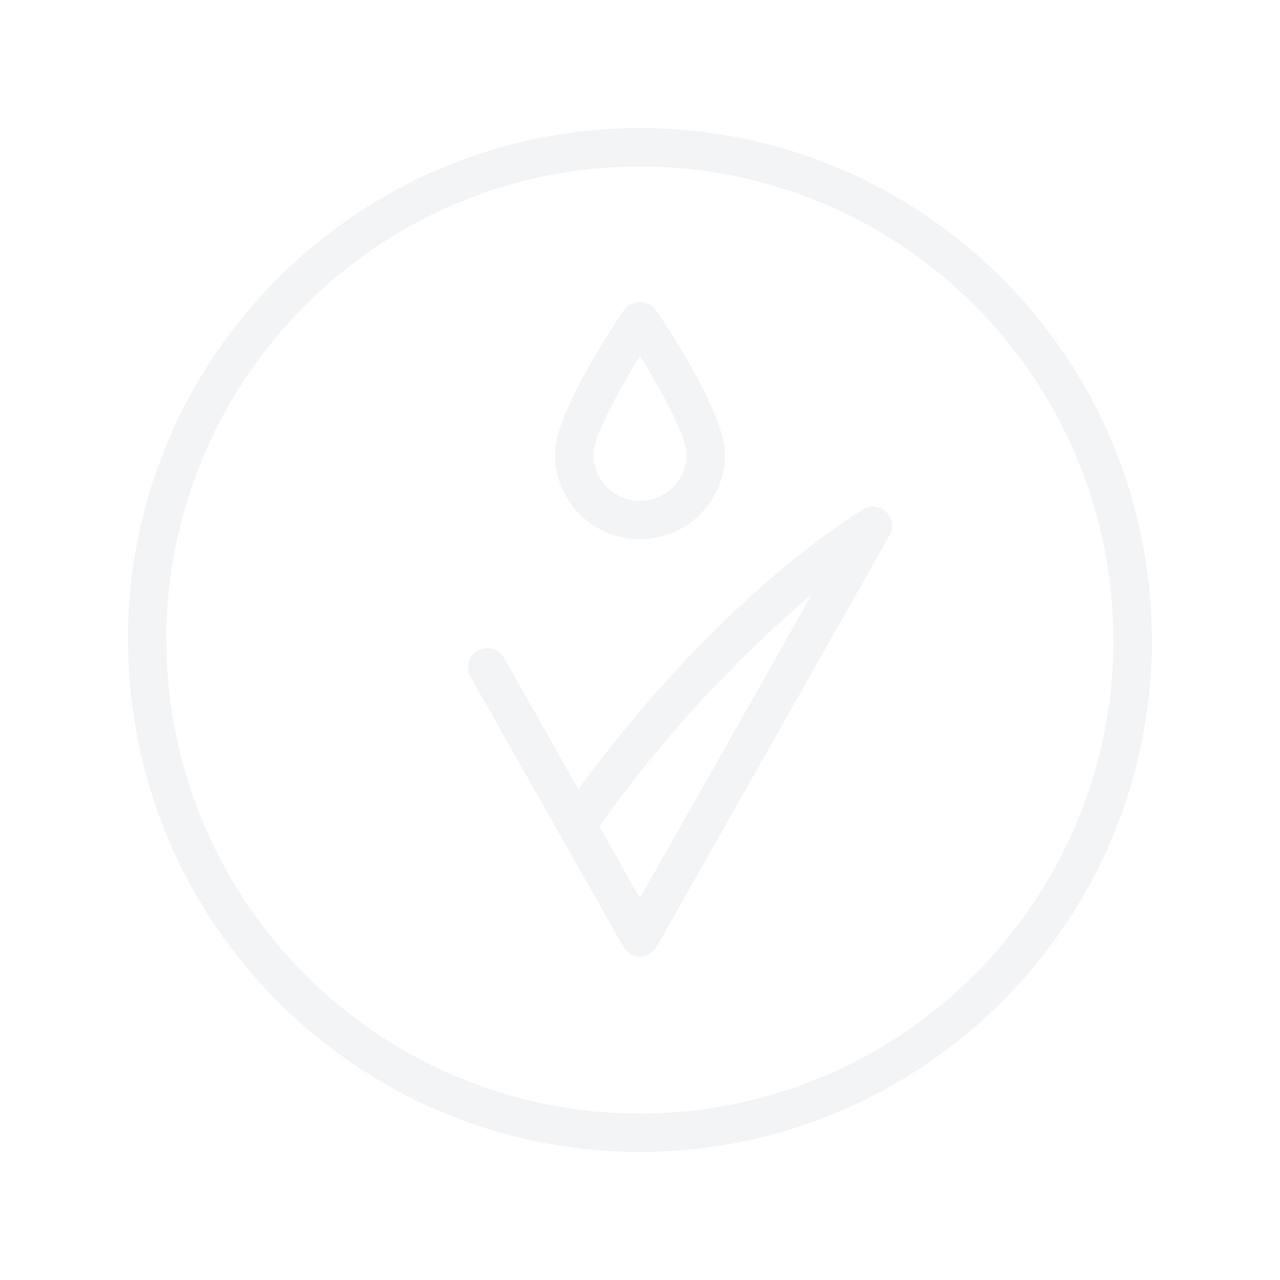 Giorgio Armani Acqua di Gio pour Homme EDT 30ml